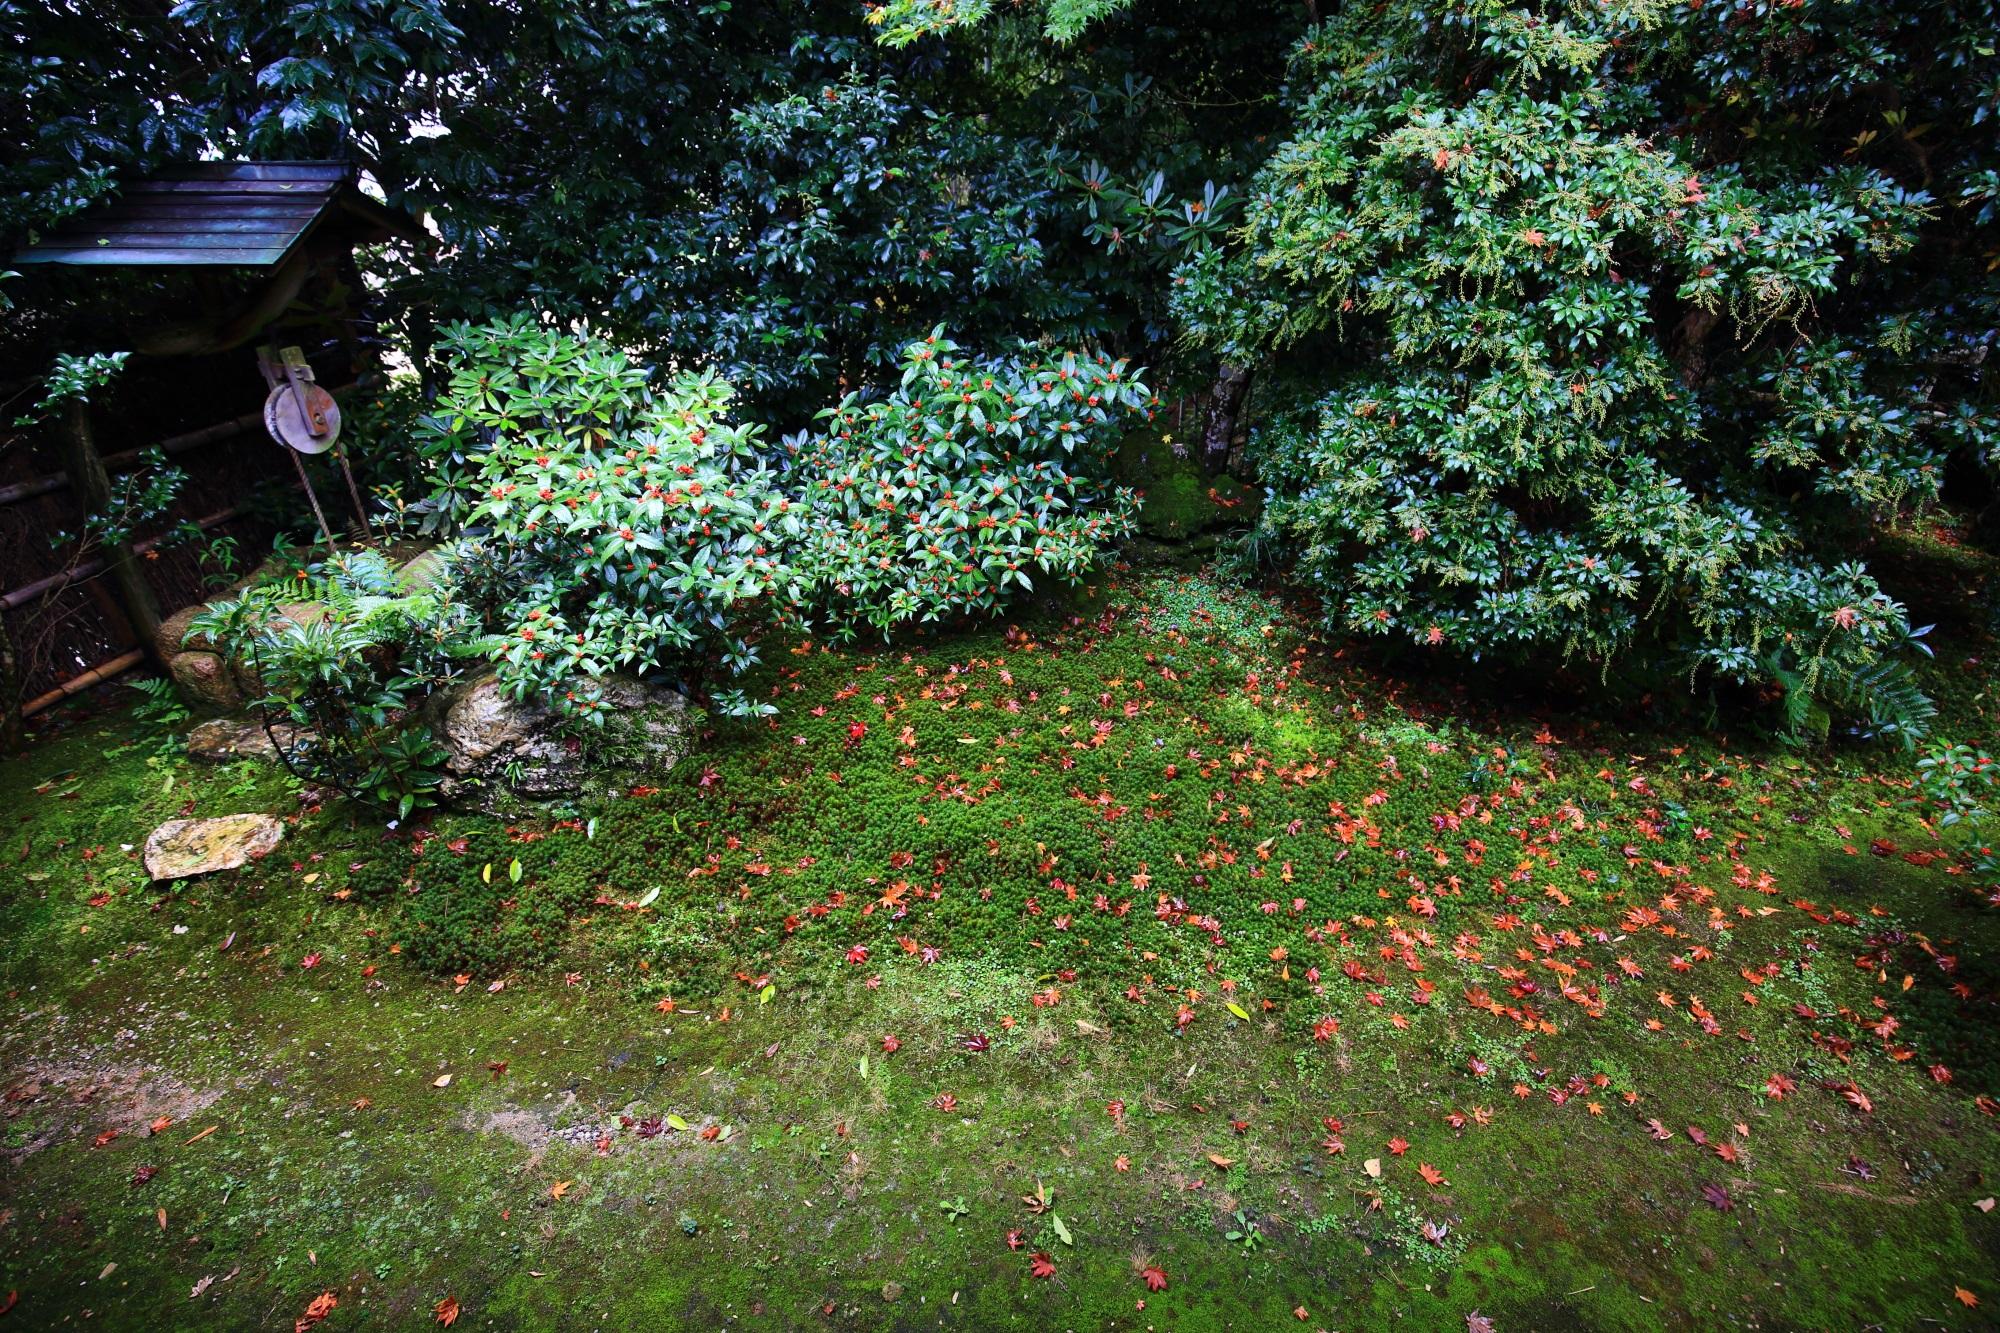 嵯峨直指庵の本堂庭園の苔と風情ある散りもみじ